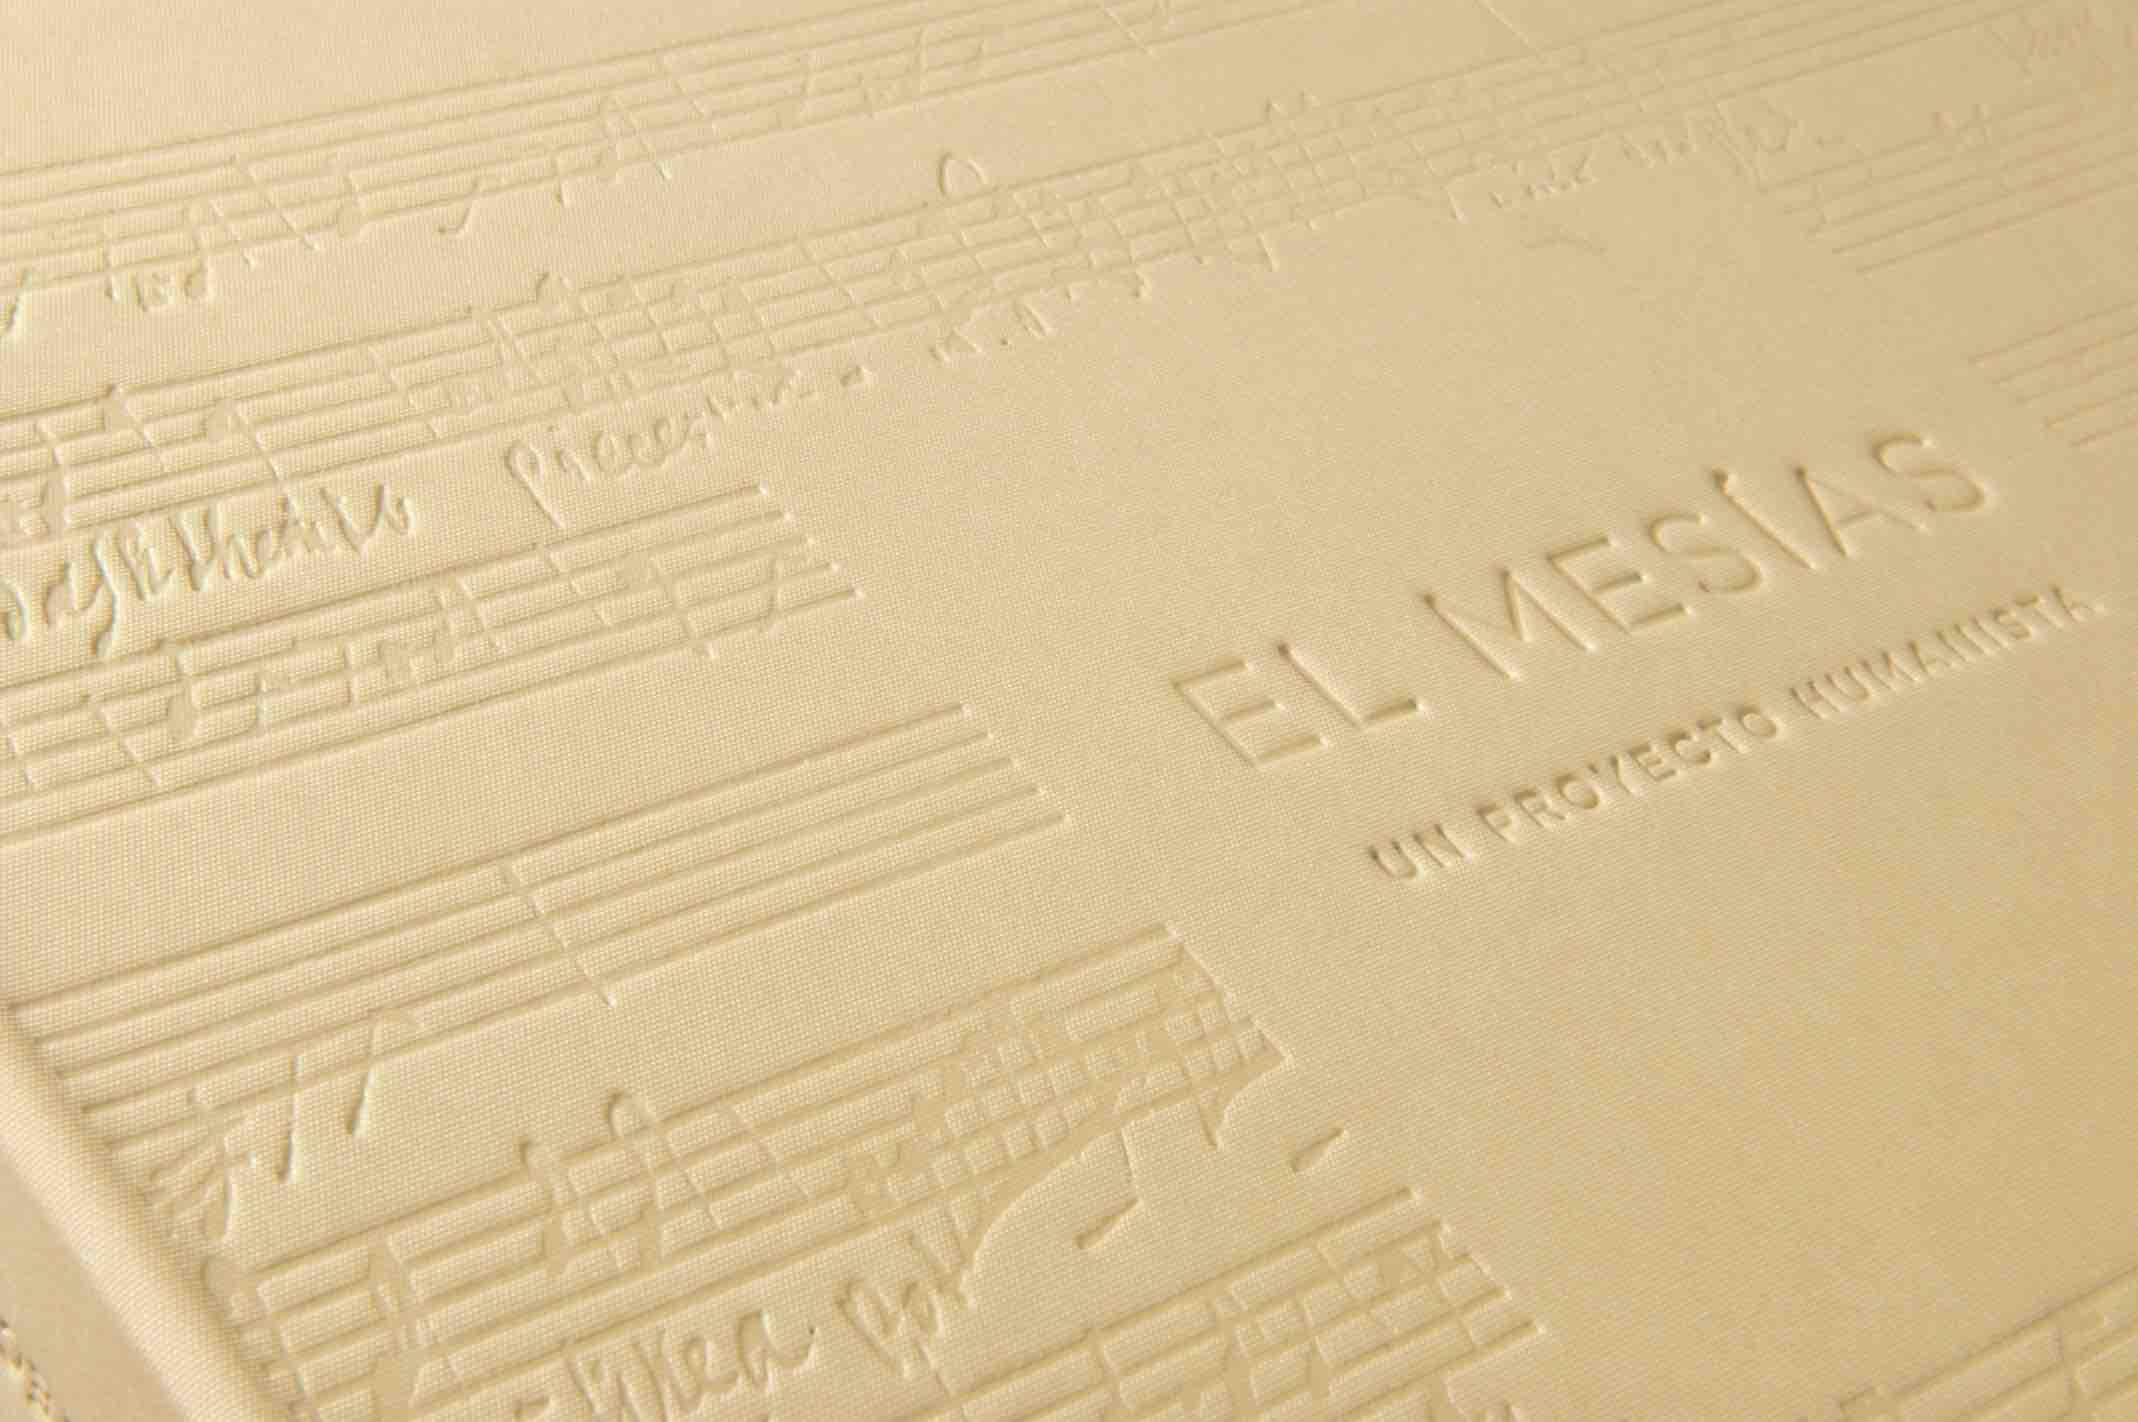 portada de llibre amb stamping